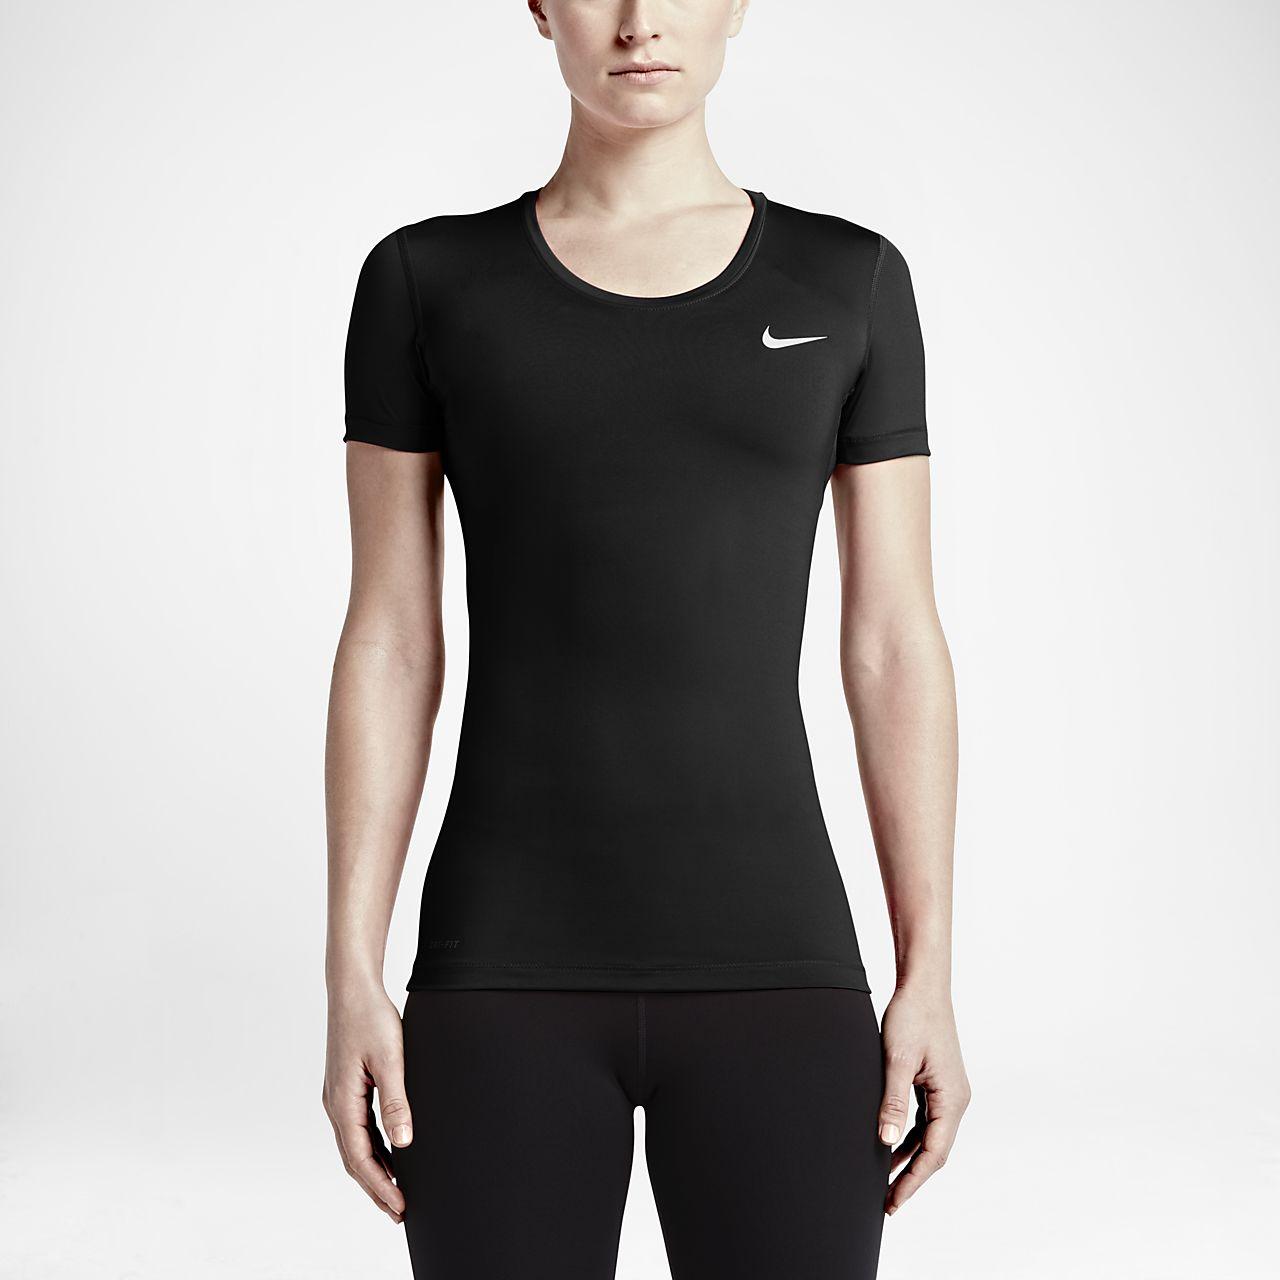 45e7ea22cc7051 Damska koszulka treningowa z krótkim rękawem Nike Pro. Nike.com PL